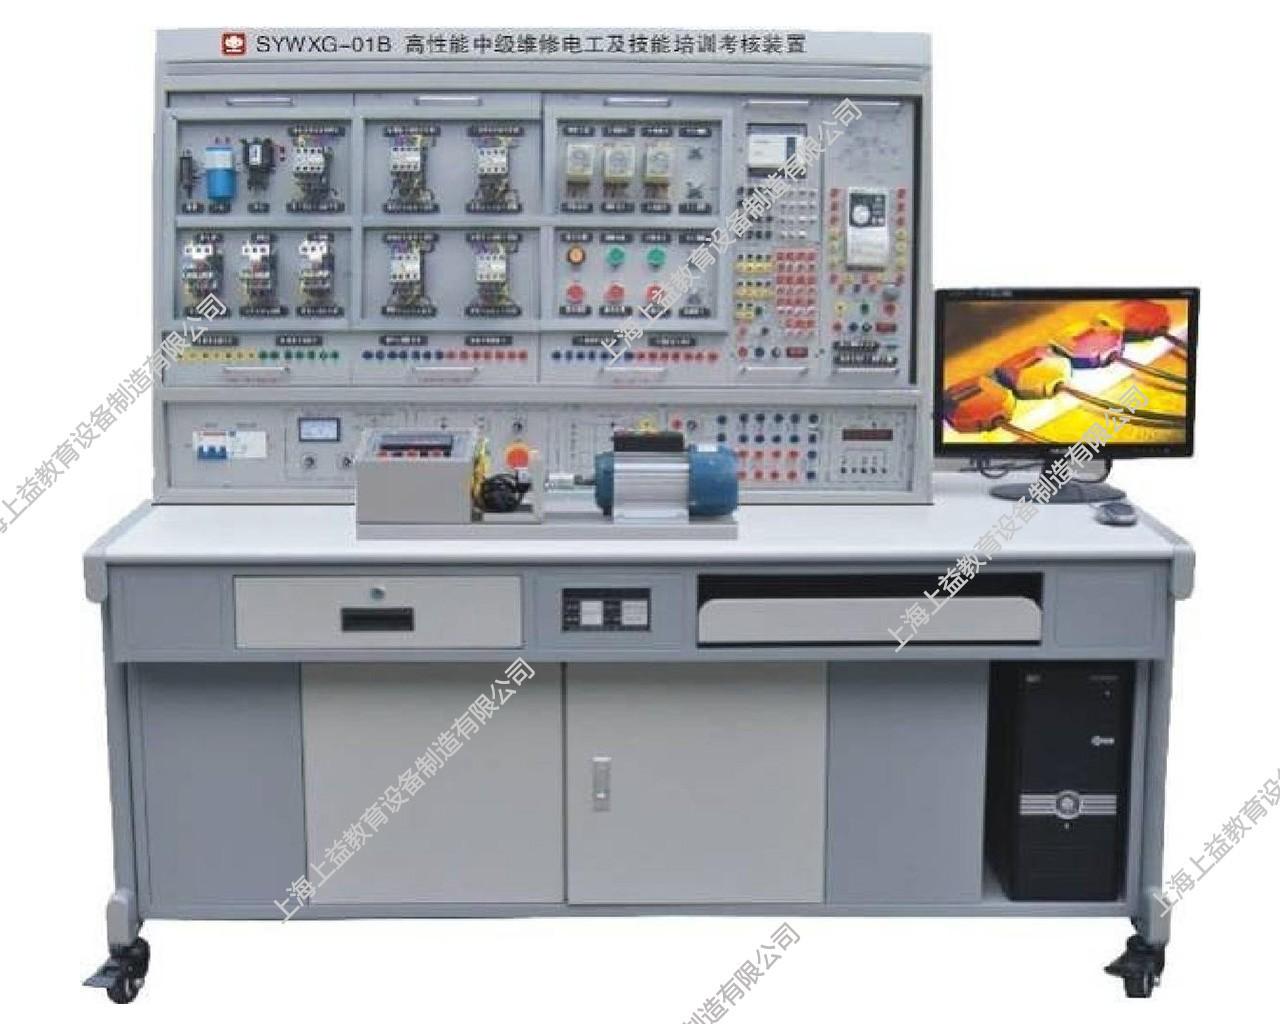 SYWXG-01B高性能中级维修电工及技能培训lehu68vip装置